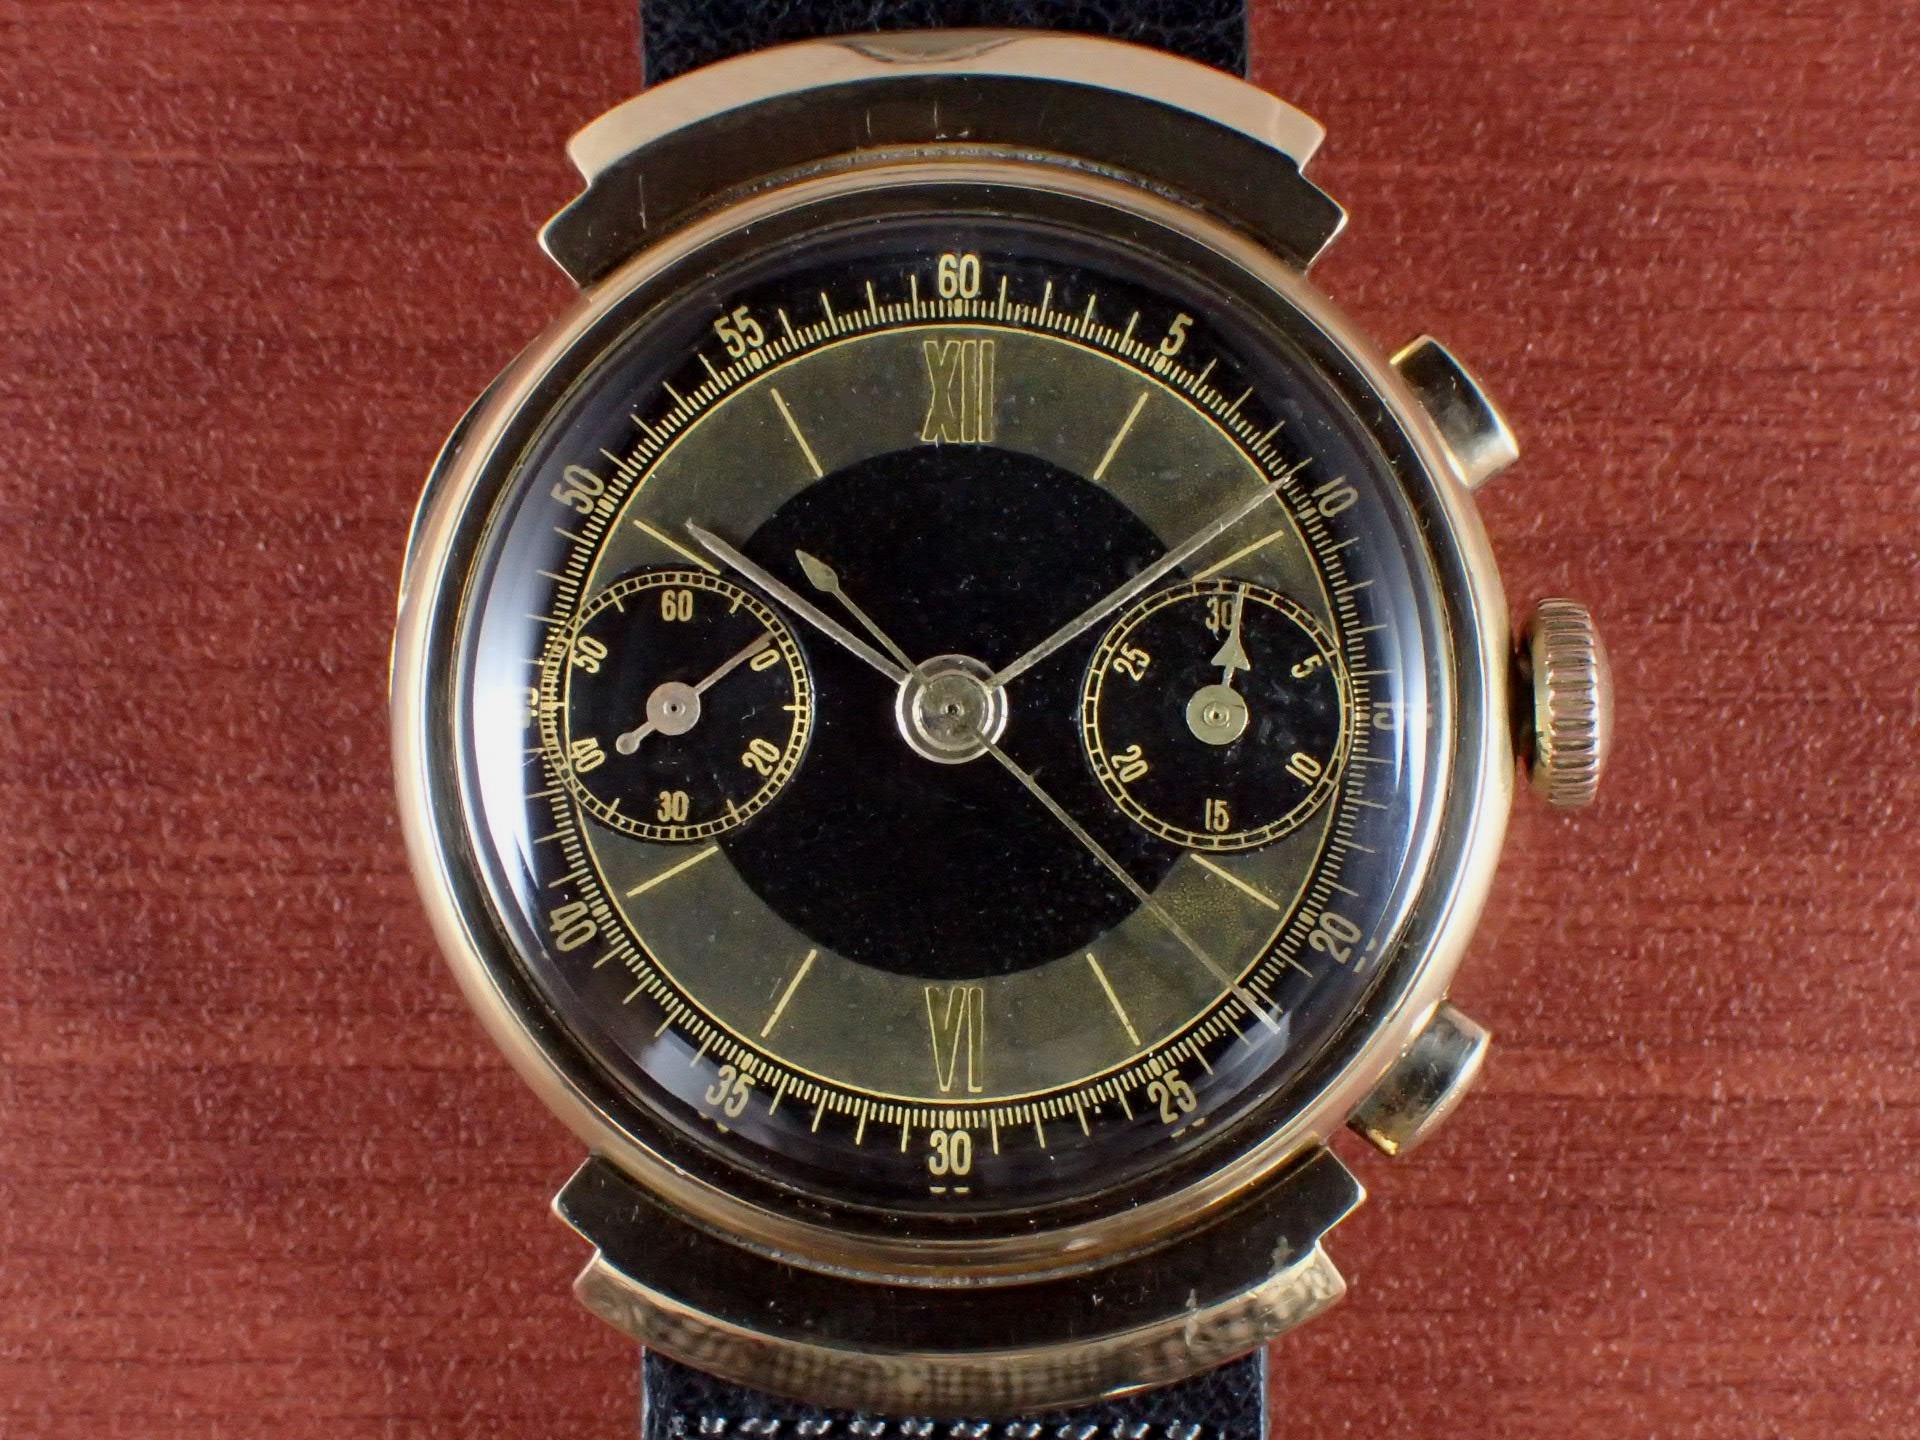 無銘 18KYG クロノグラフ ブラック/グレー フーデッドラグ 1930年代の写真2枚目